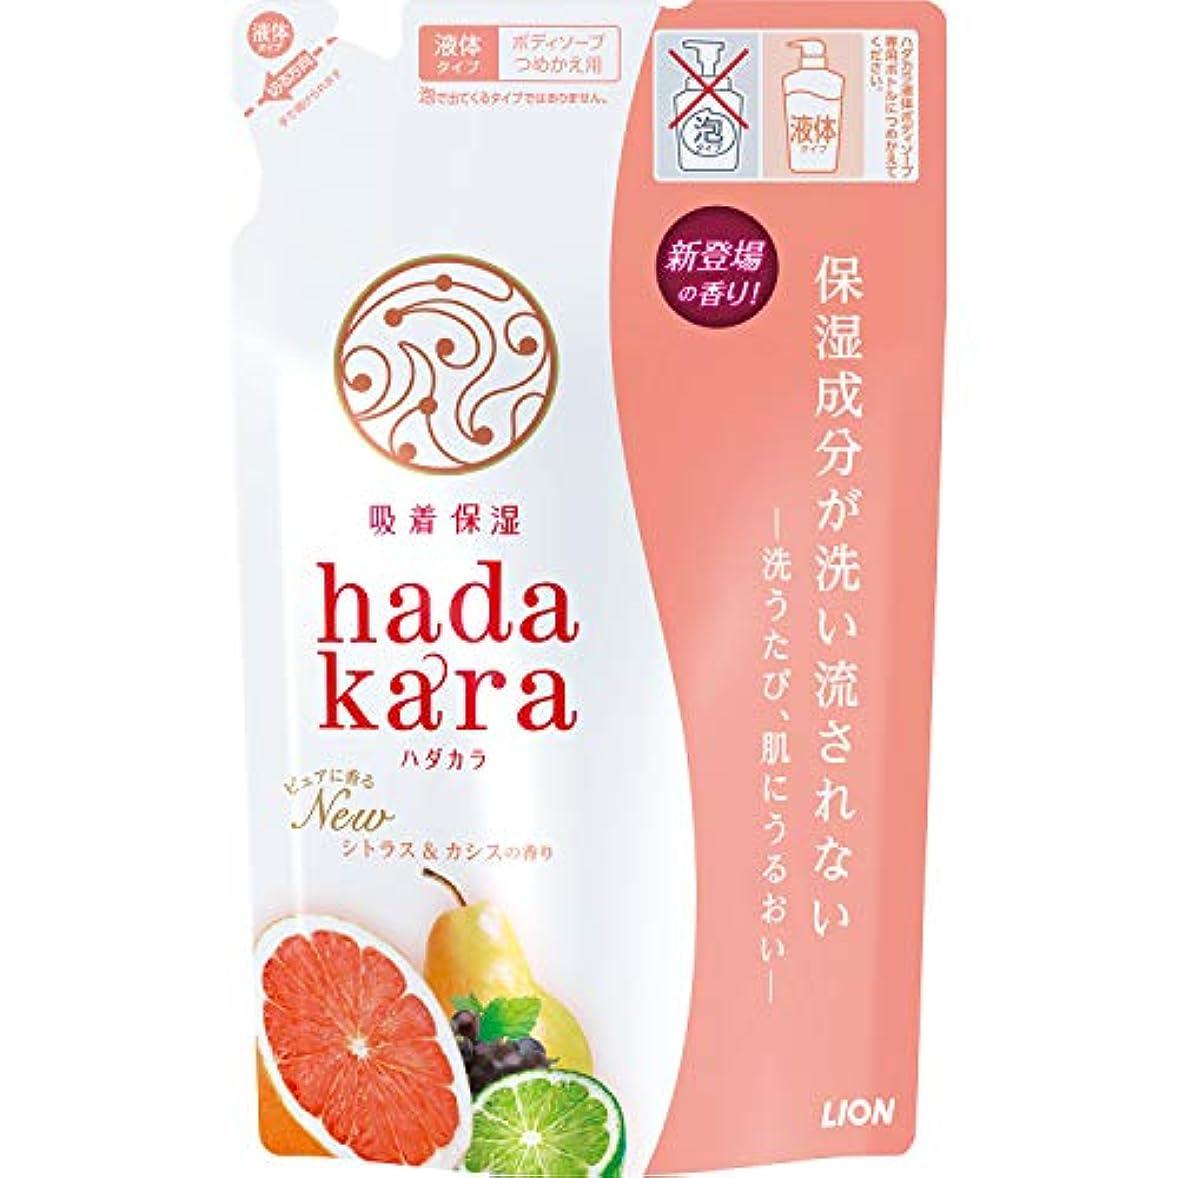 隠宅配便笑いhadakara(ハダカラ) ボディソープ シトラス&カシスの香り つめかえ 360ml 詰替え用